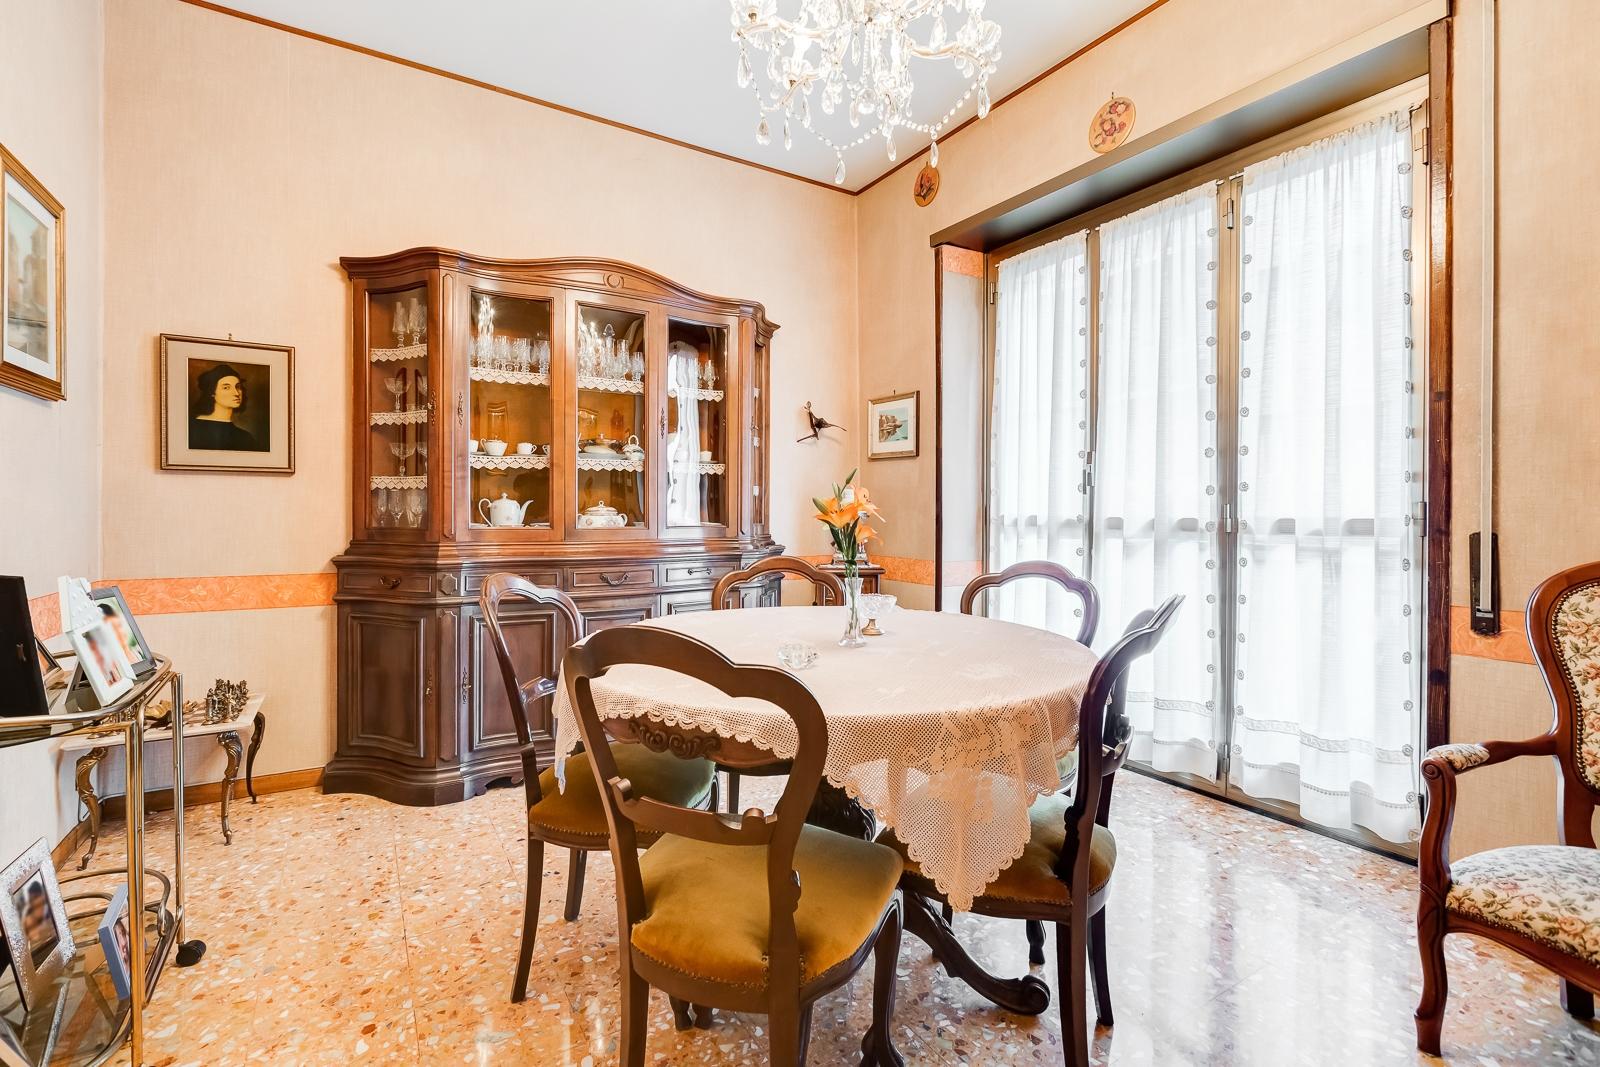 17698 Appartamento in vendita Roma Villa Gordiani